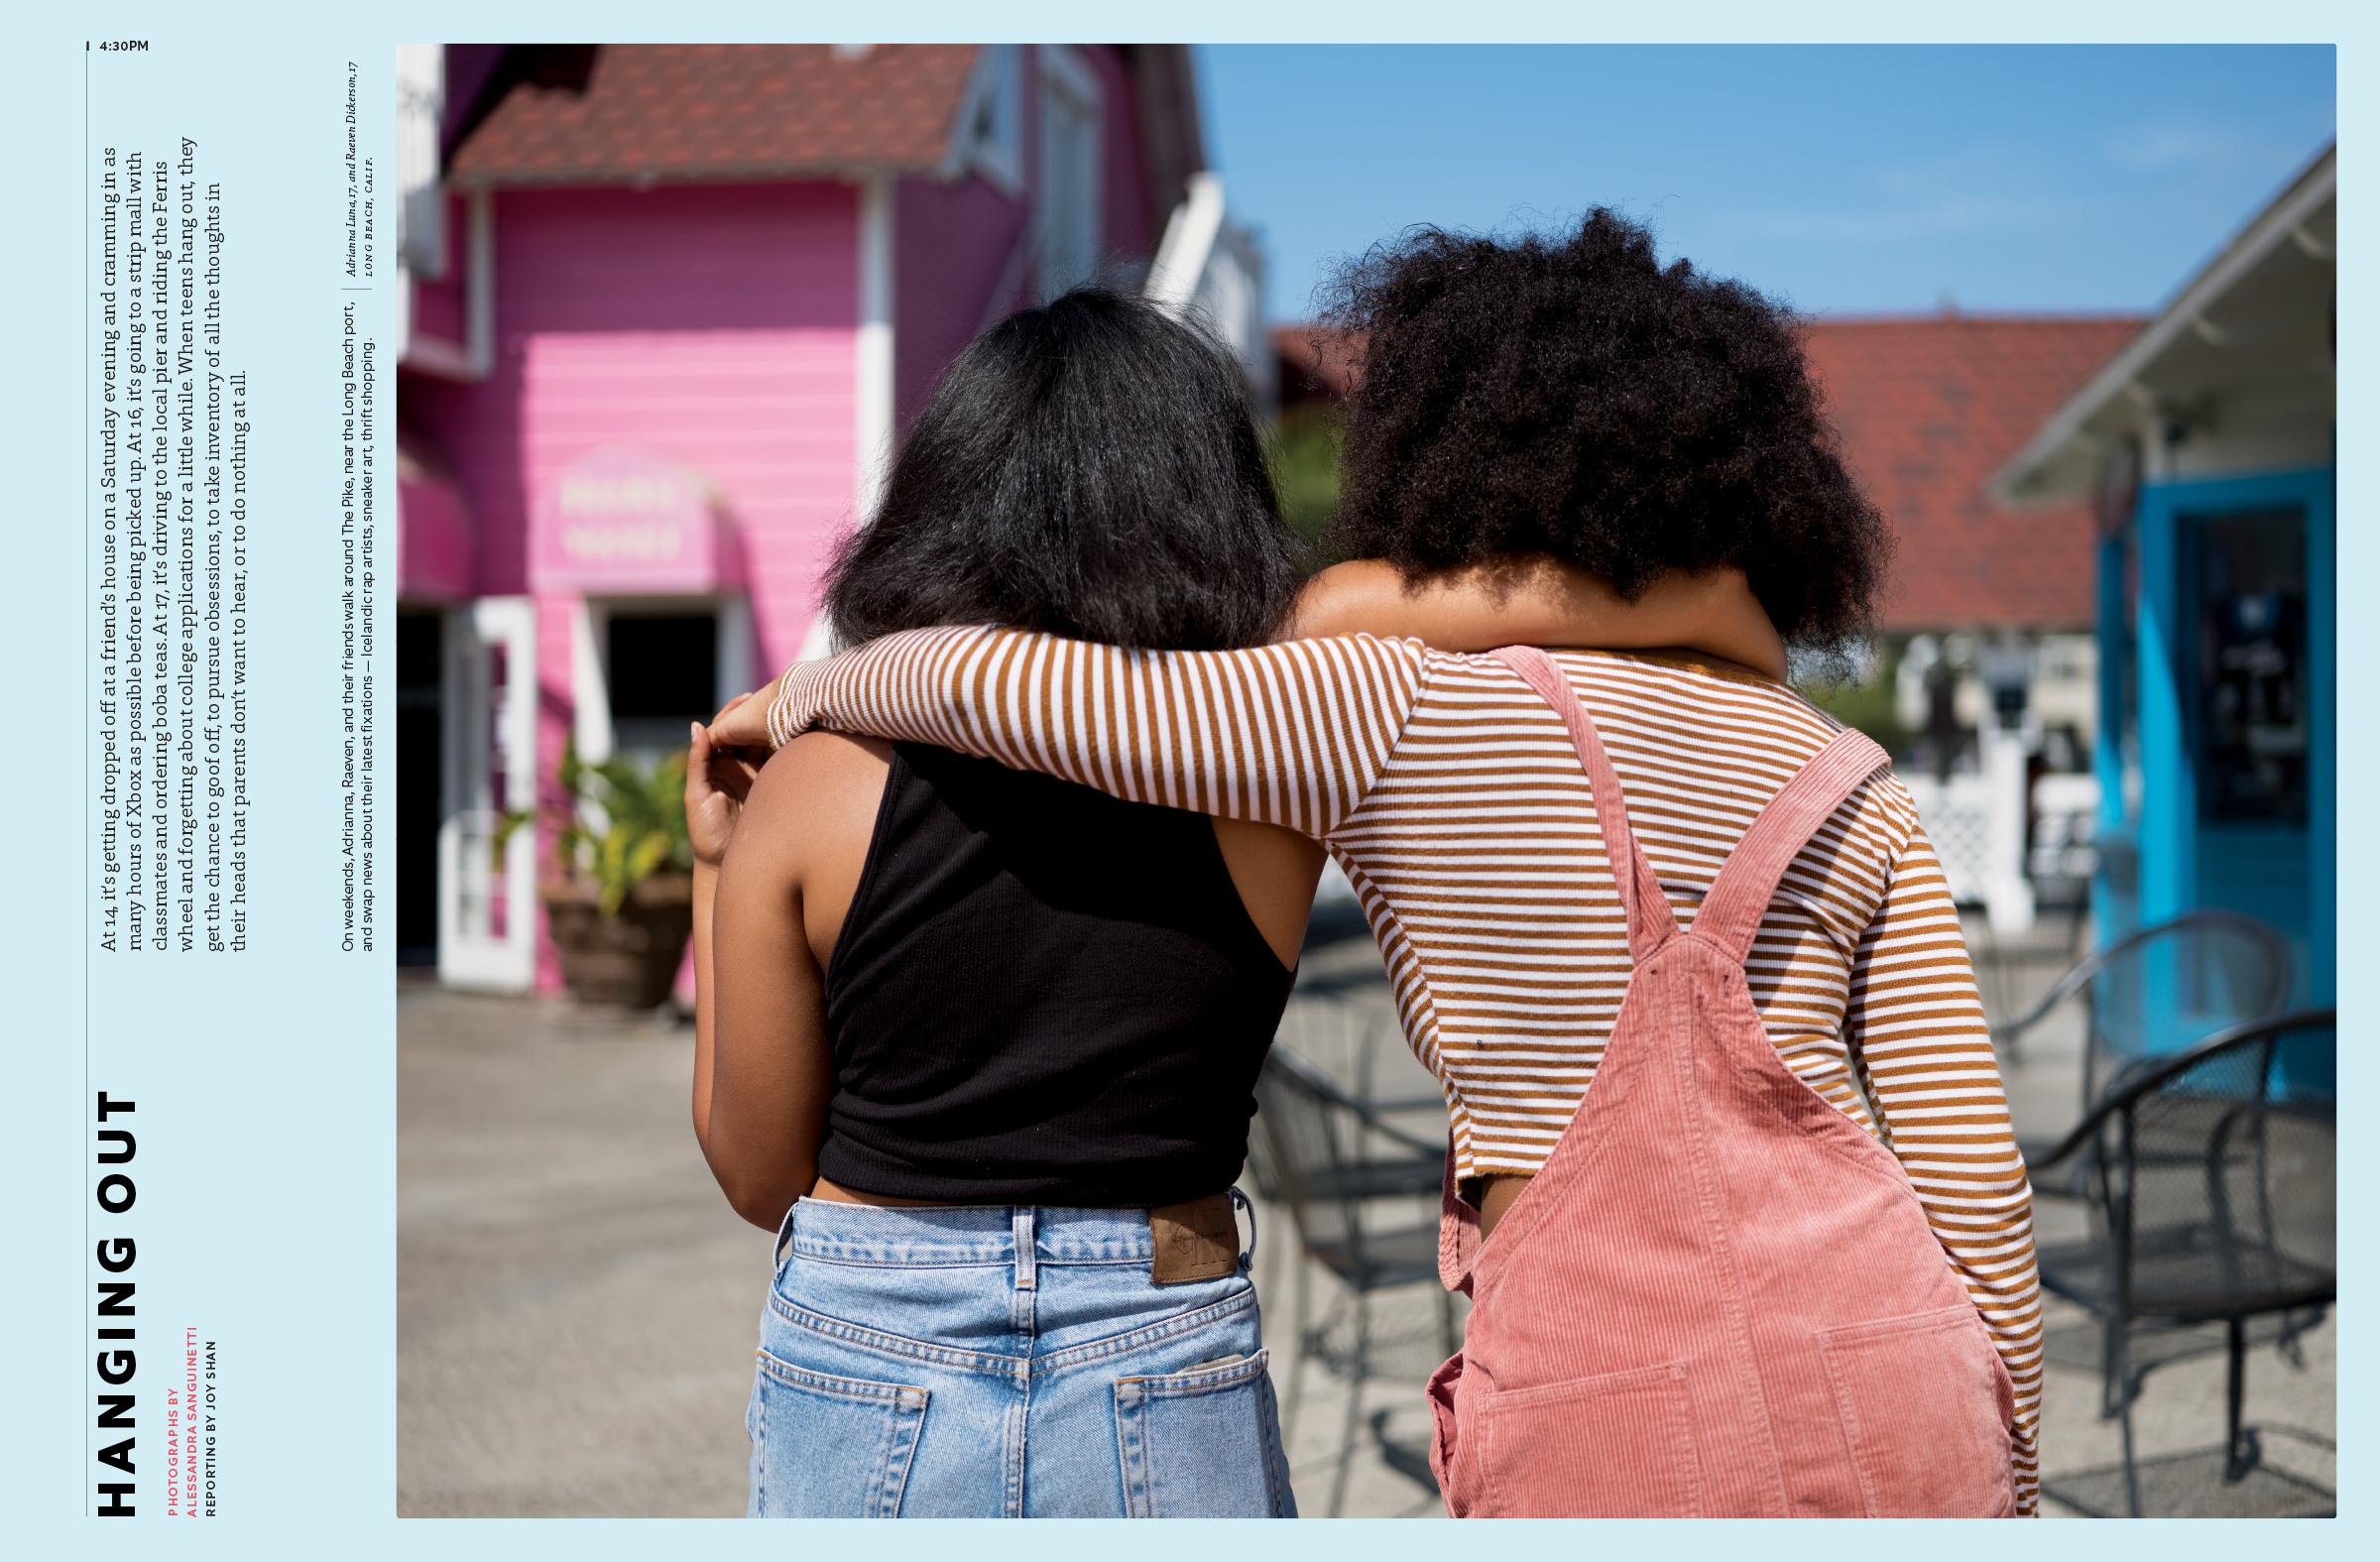 05_Teens_HangingOut_ASanguinetti01.jpg